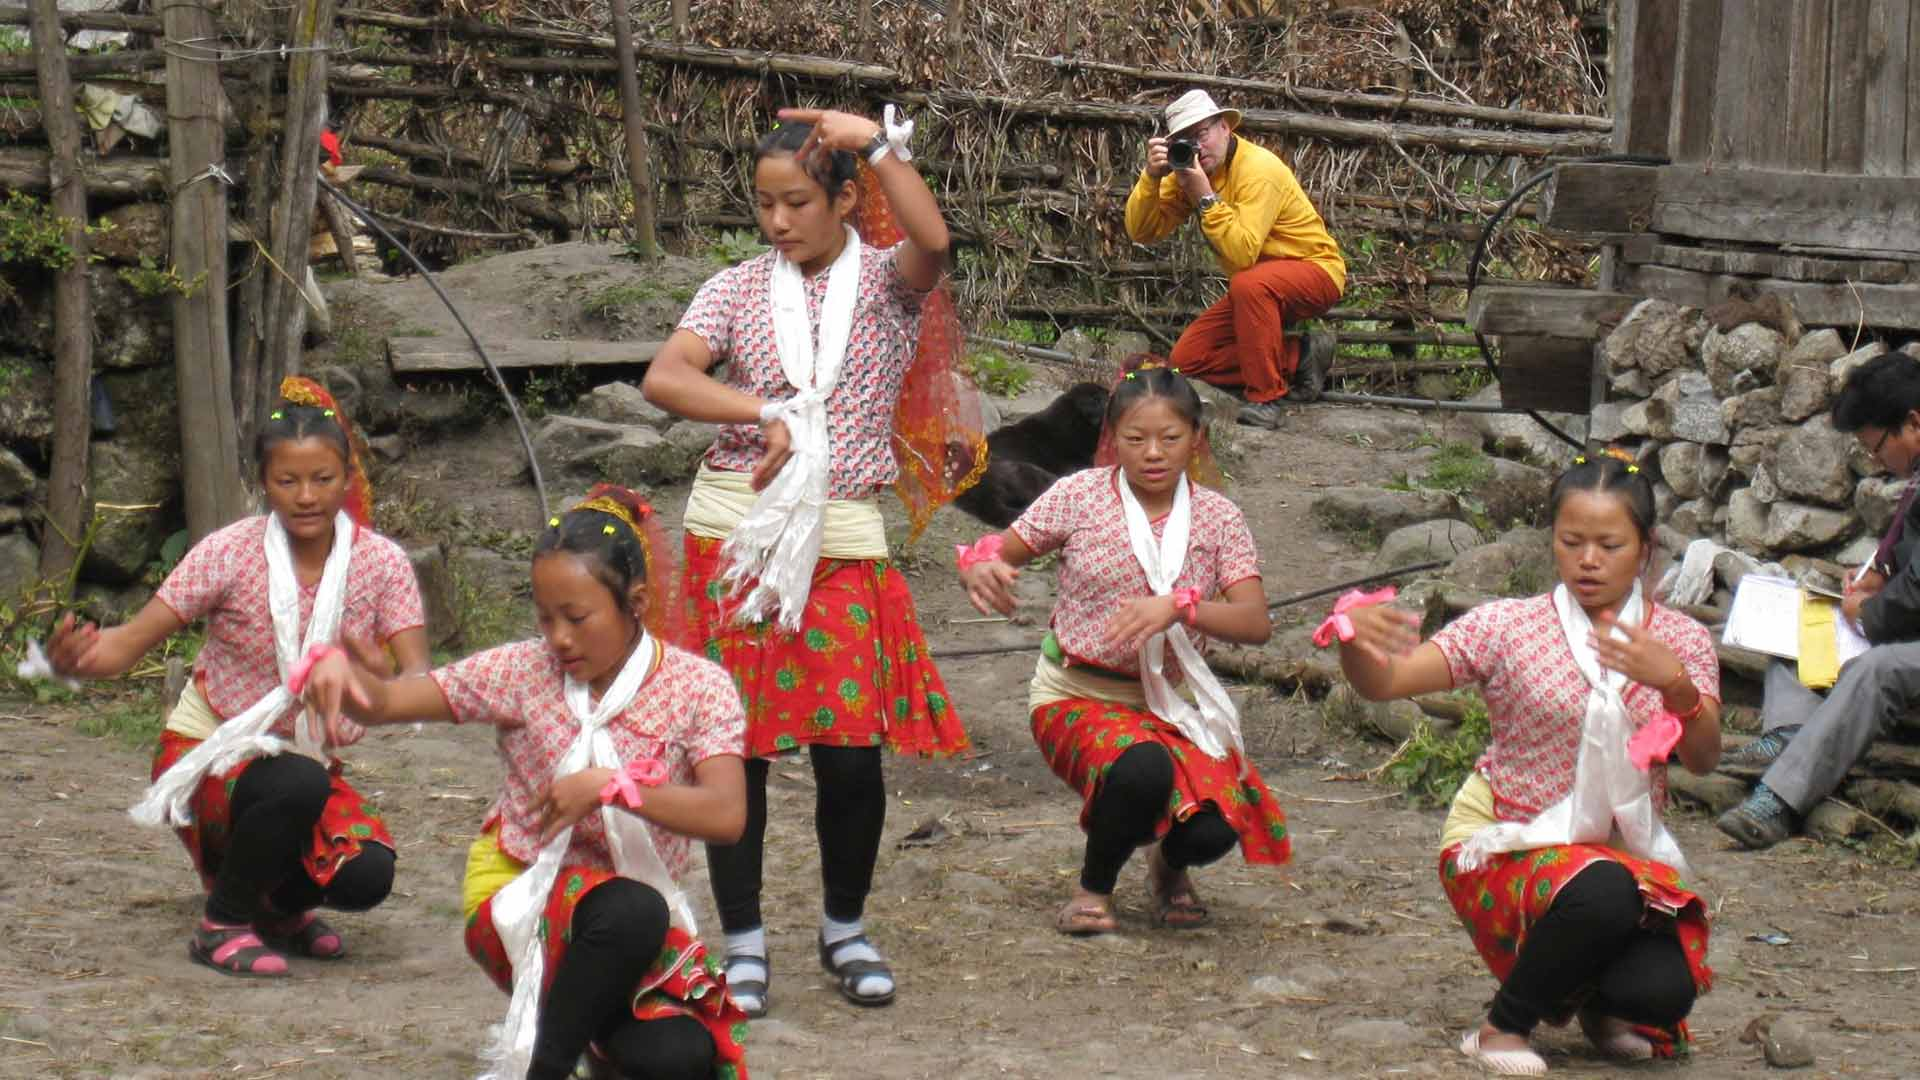 Himalajalla vaeltaminen ei ole pelkkää hikeä ja ylämäkeä, vaan kulttuuri on osa kokemusta. Koululaisryhmät tienaavat opiskelurahoja Tihar-juhlan aikaan Olangchung Golan kylässä Itä-Nepalissa.